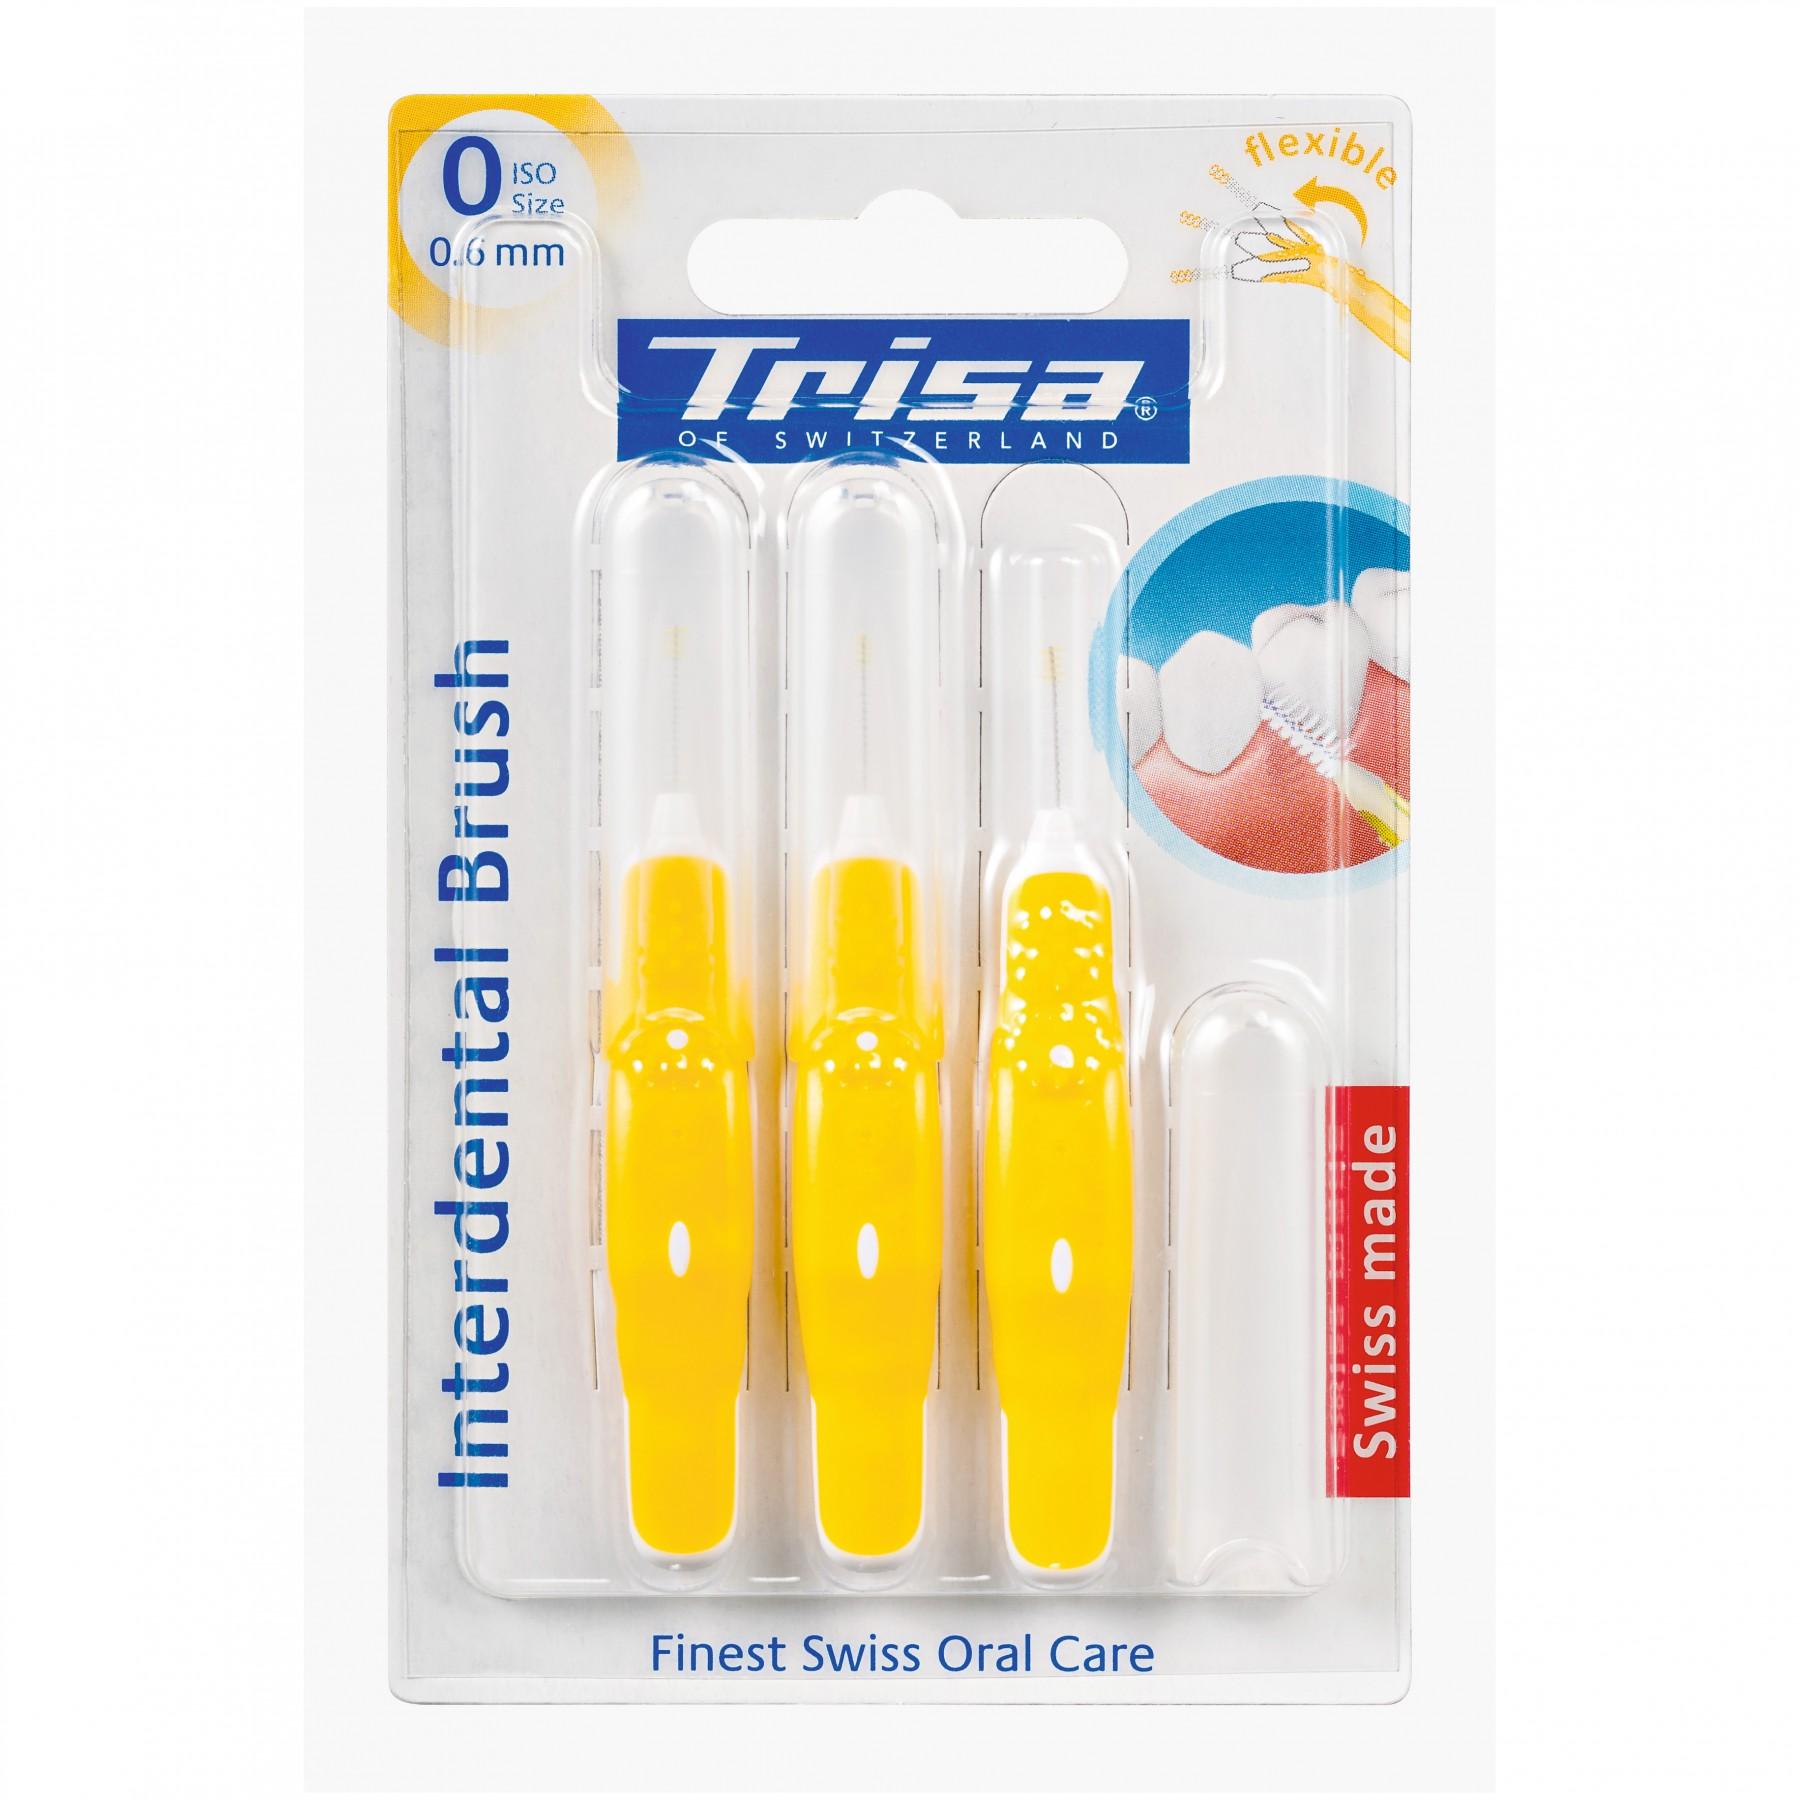 قیمت مسواک بین دندانی تریزا مدل Interdental Brush 0.6mm